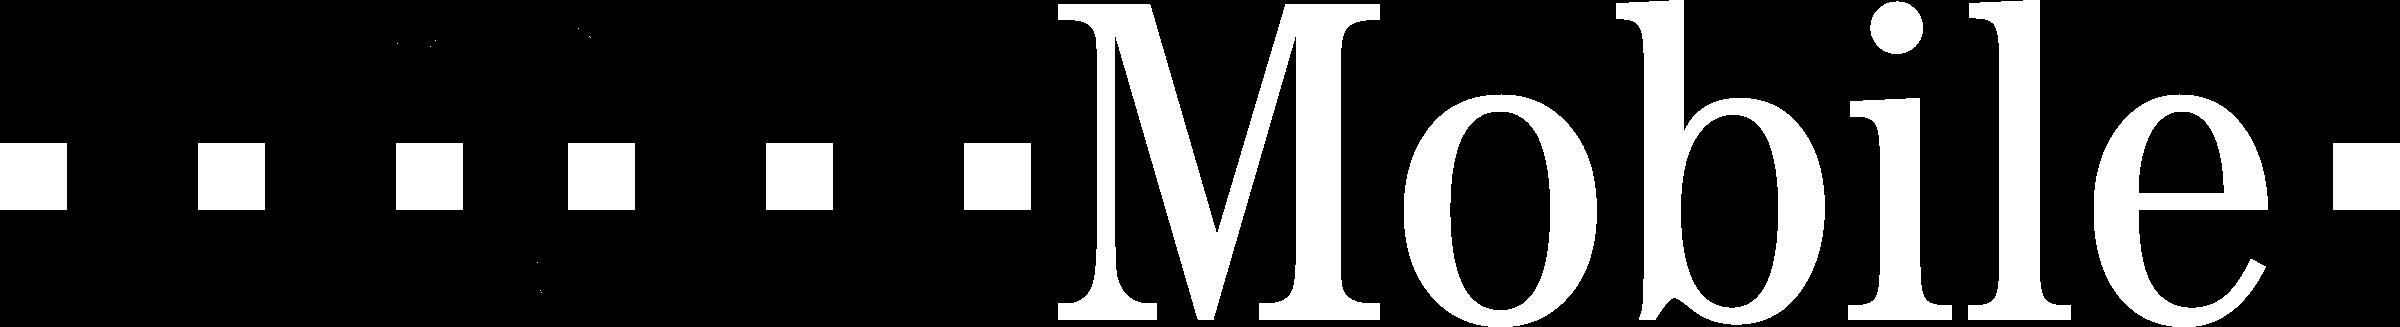 T mobile Logo PNG Transparent & SVG Vector.